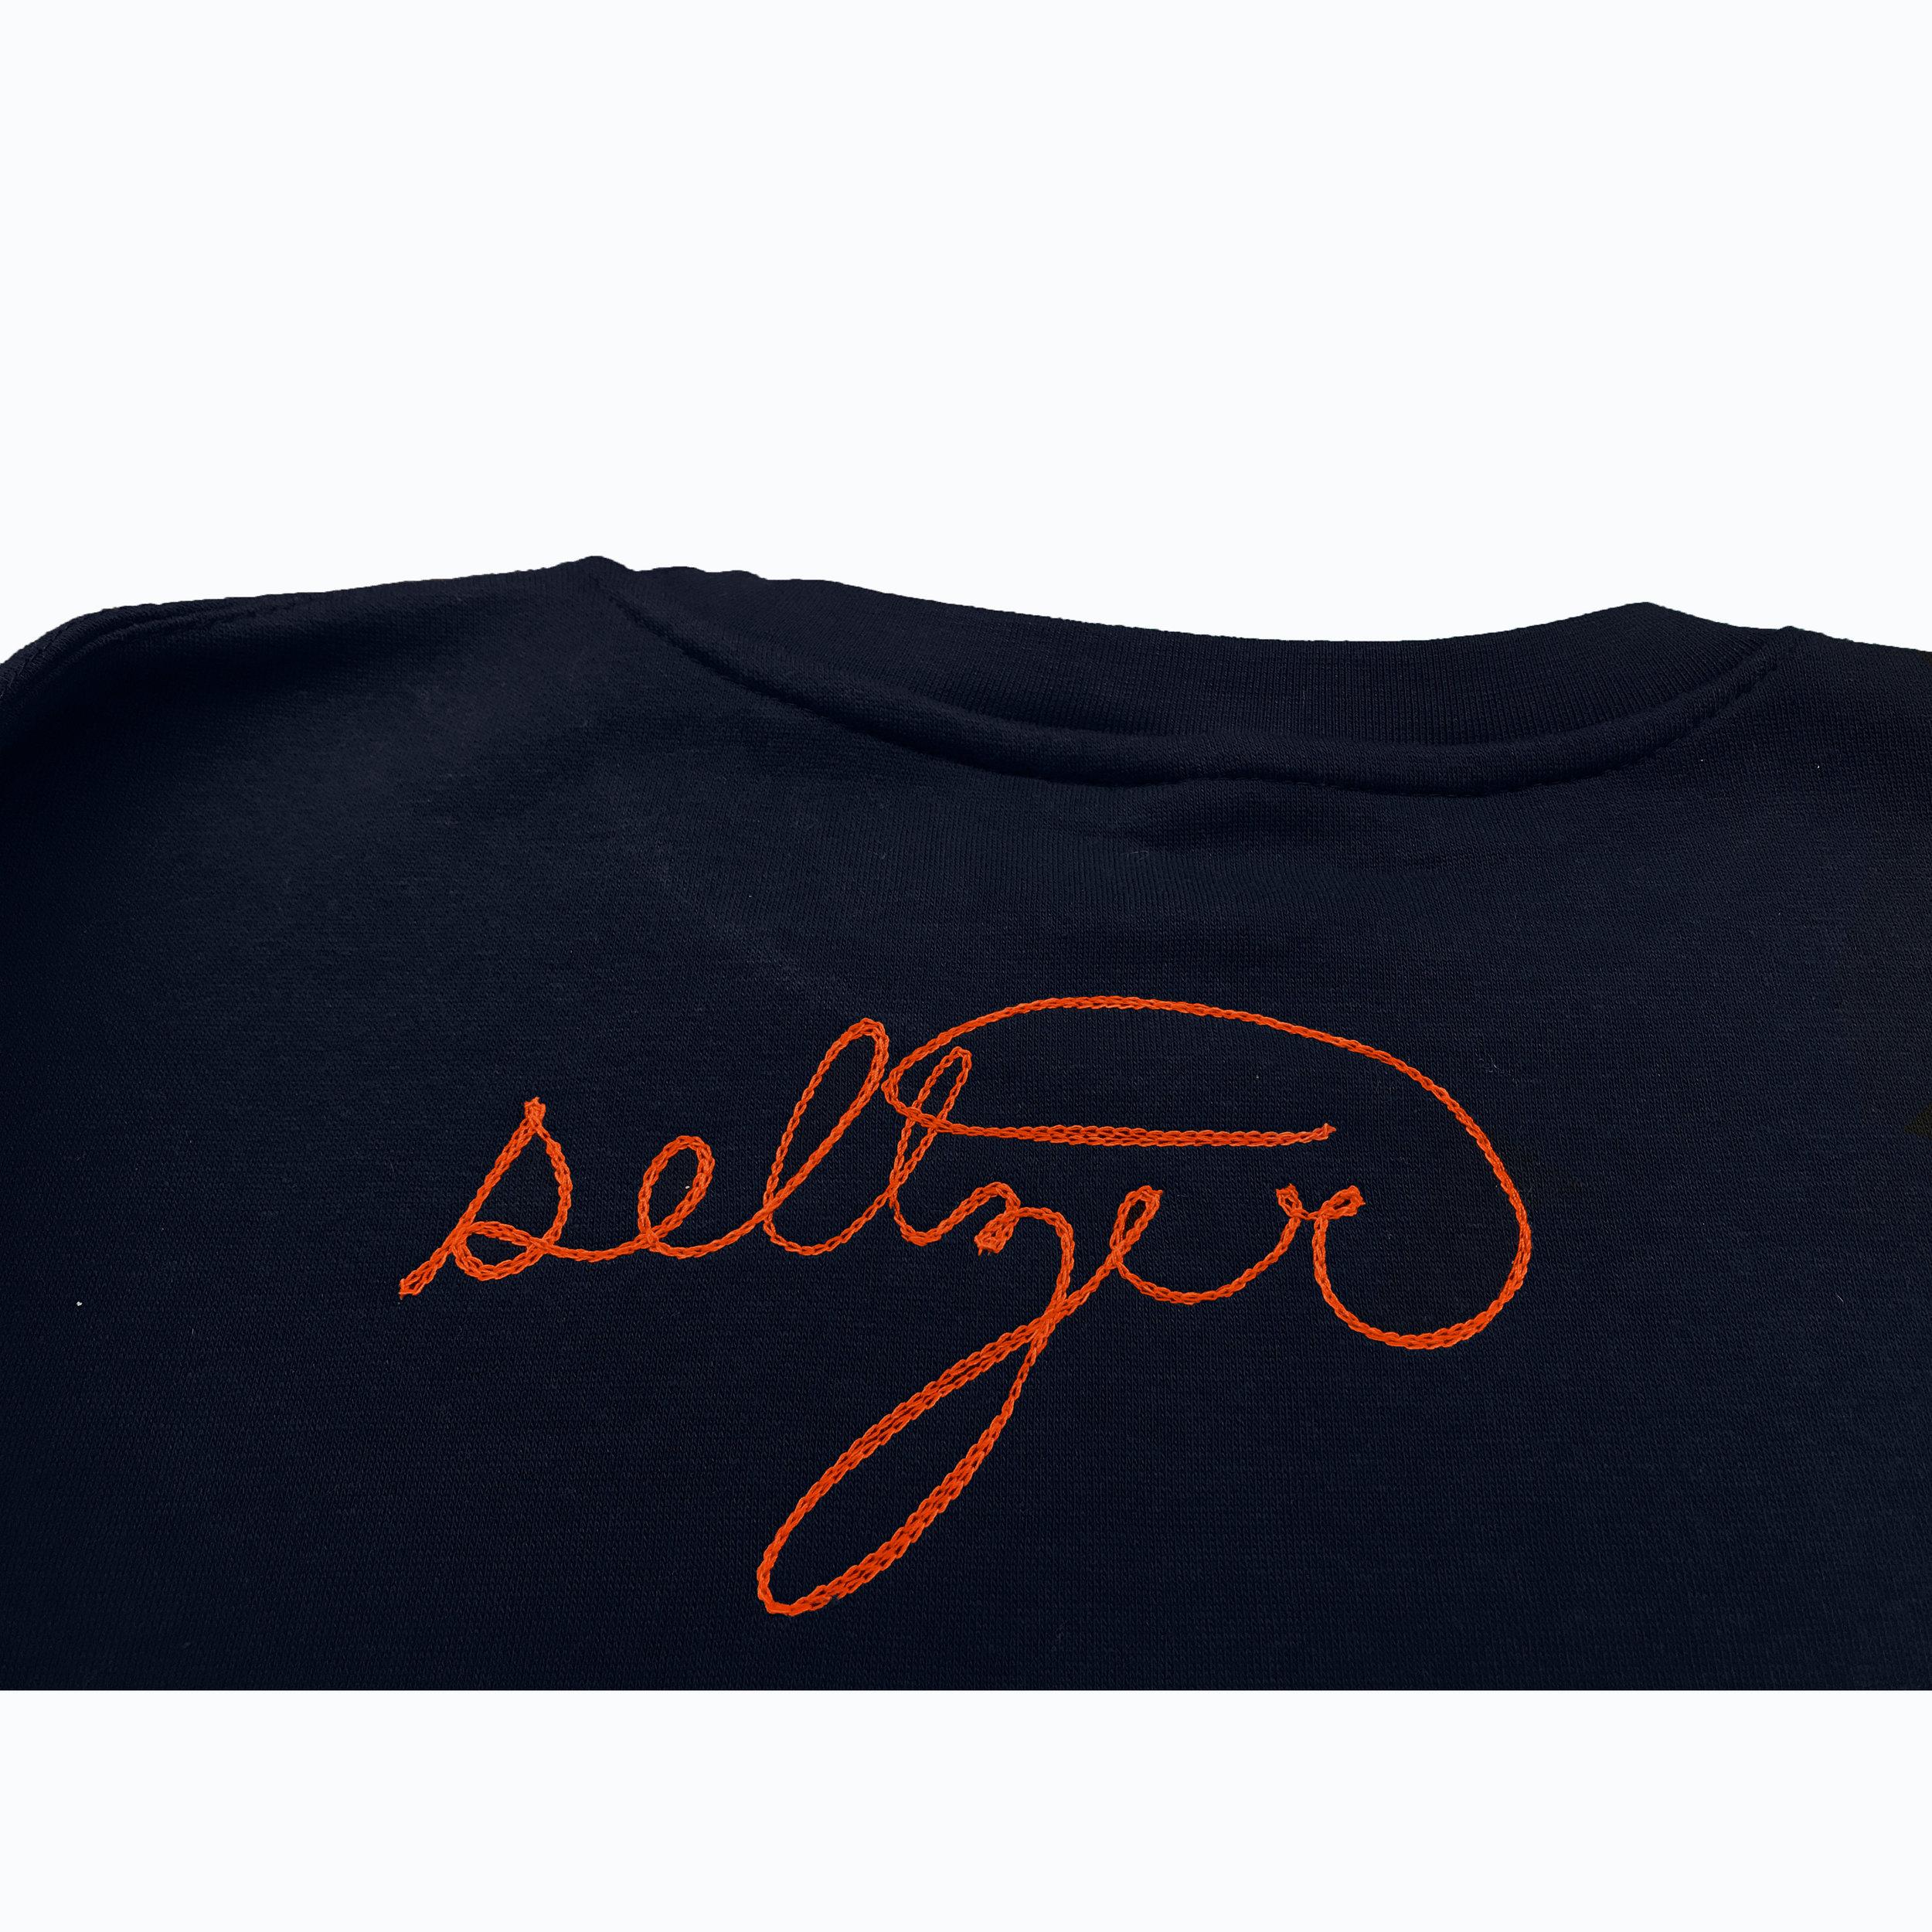 Seltzer copy.jpg